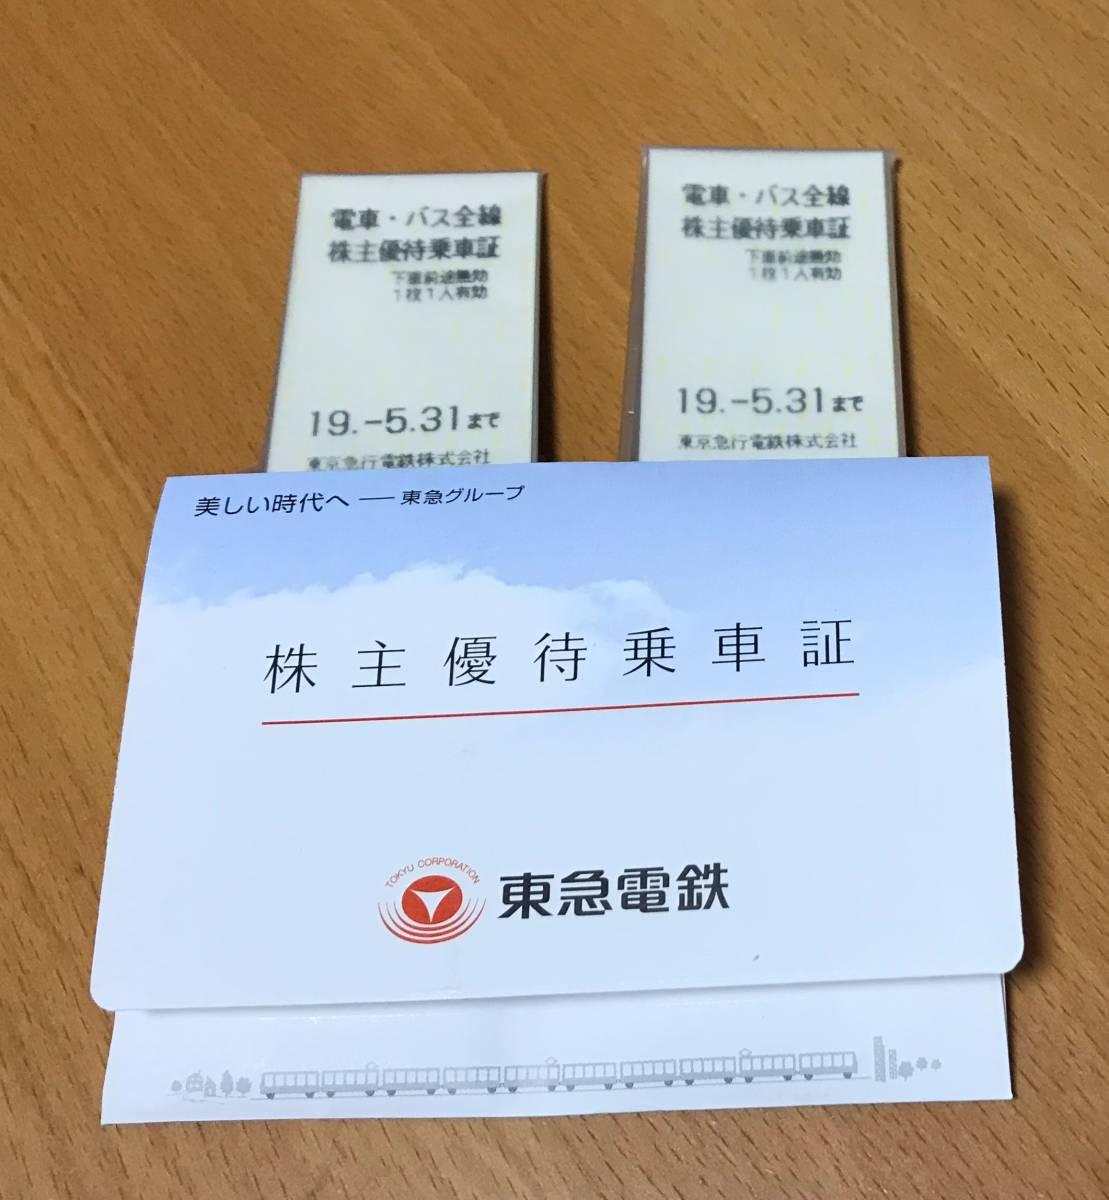 ■東京急行電鉄 株主優待乗車証 20枚セット ★送料込★